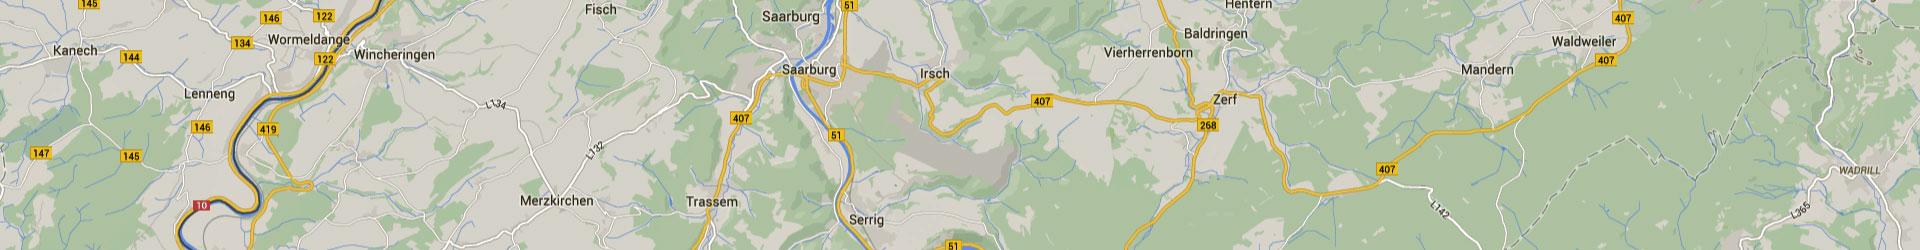 bg-karten